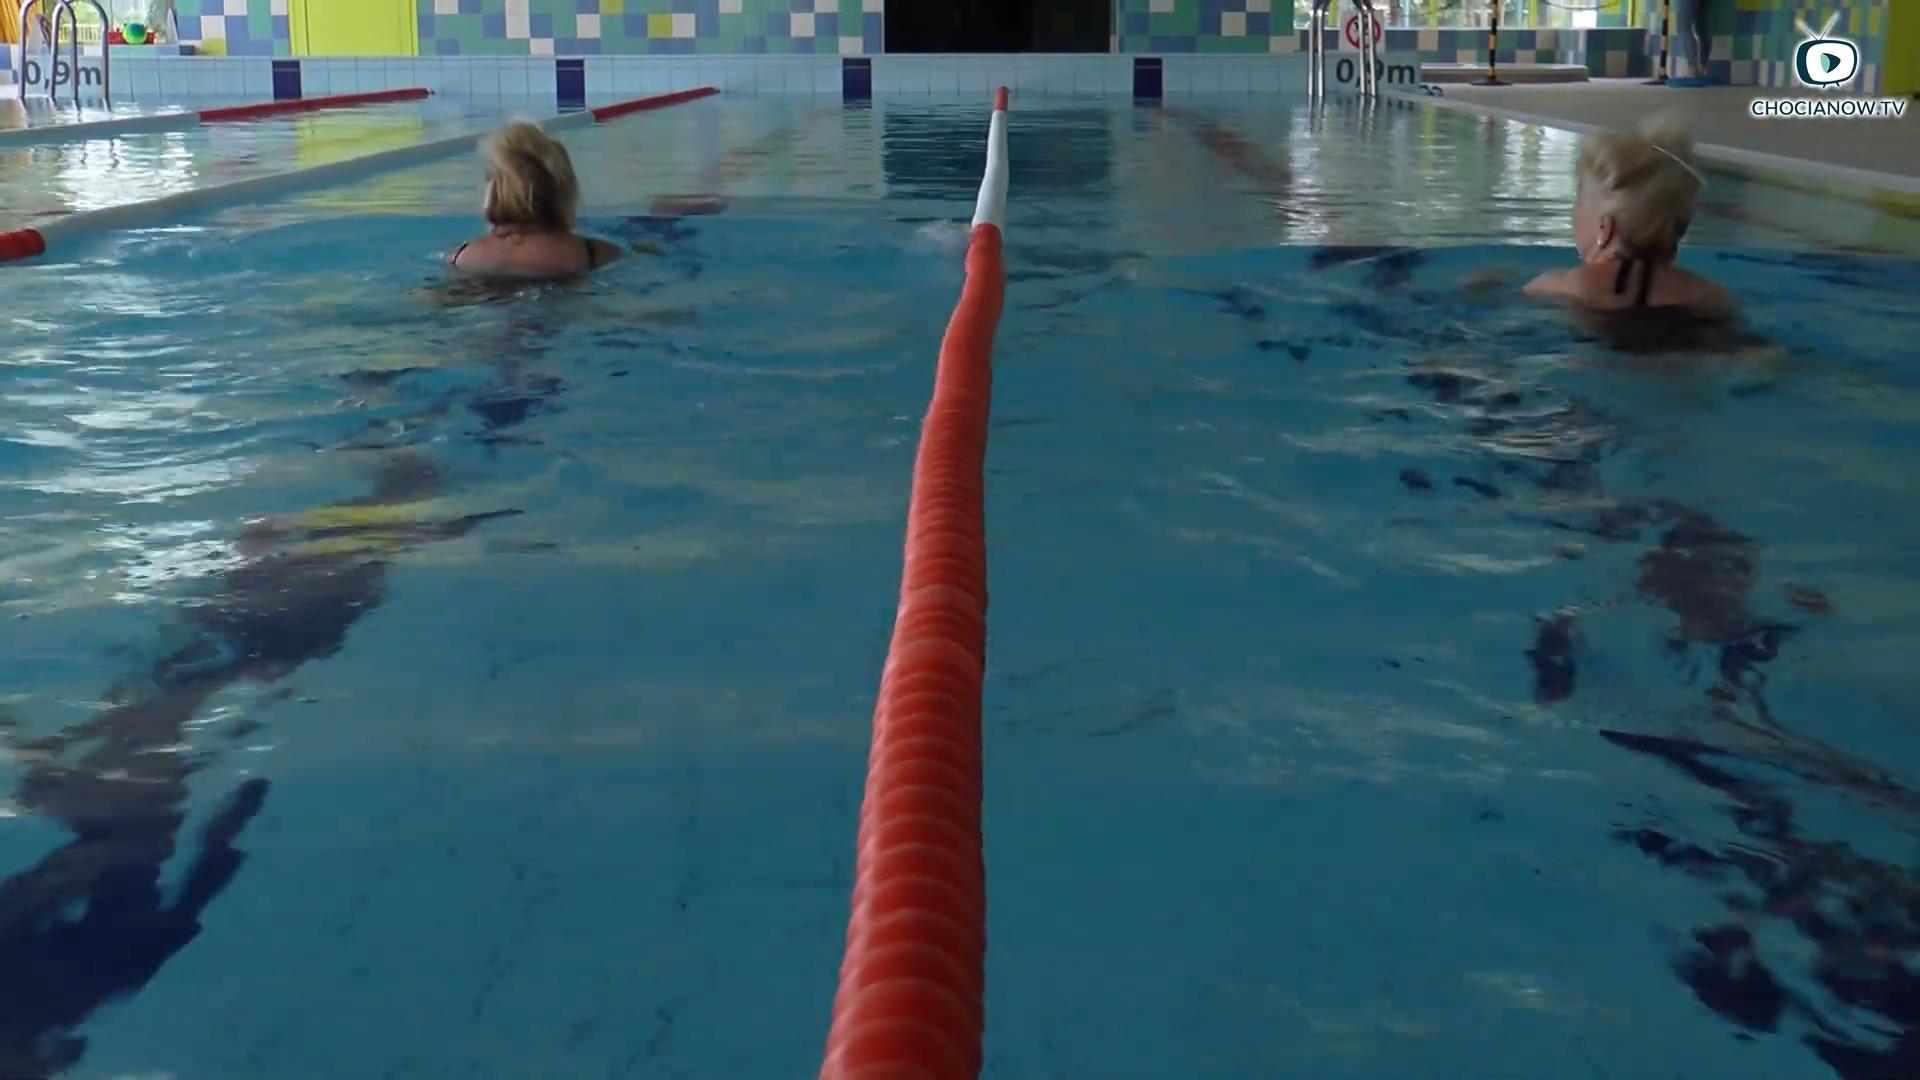 Ostatni tydzień darmowego basenu (wideo)